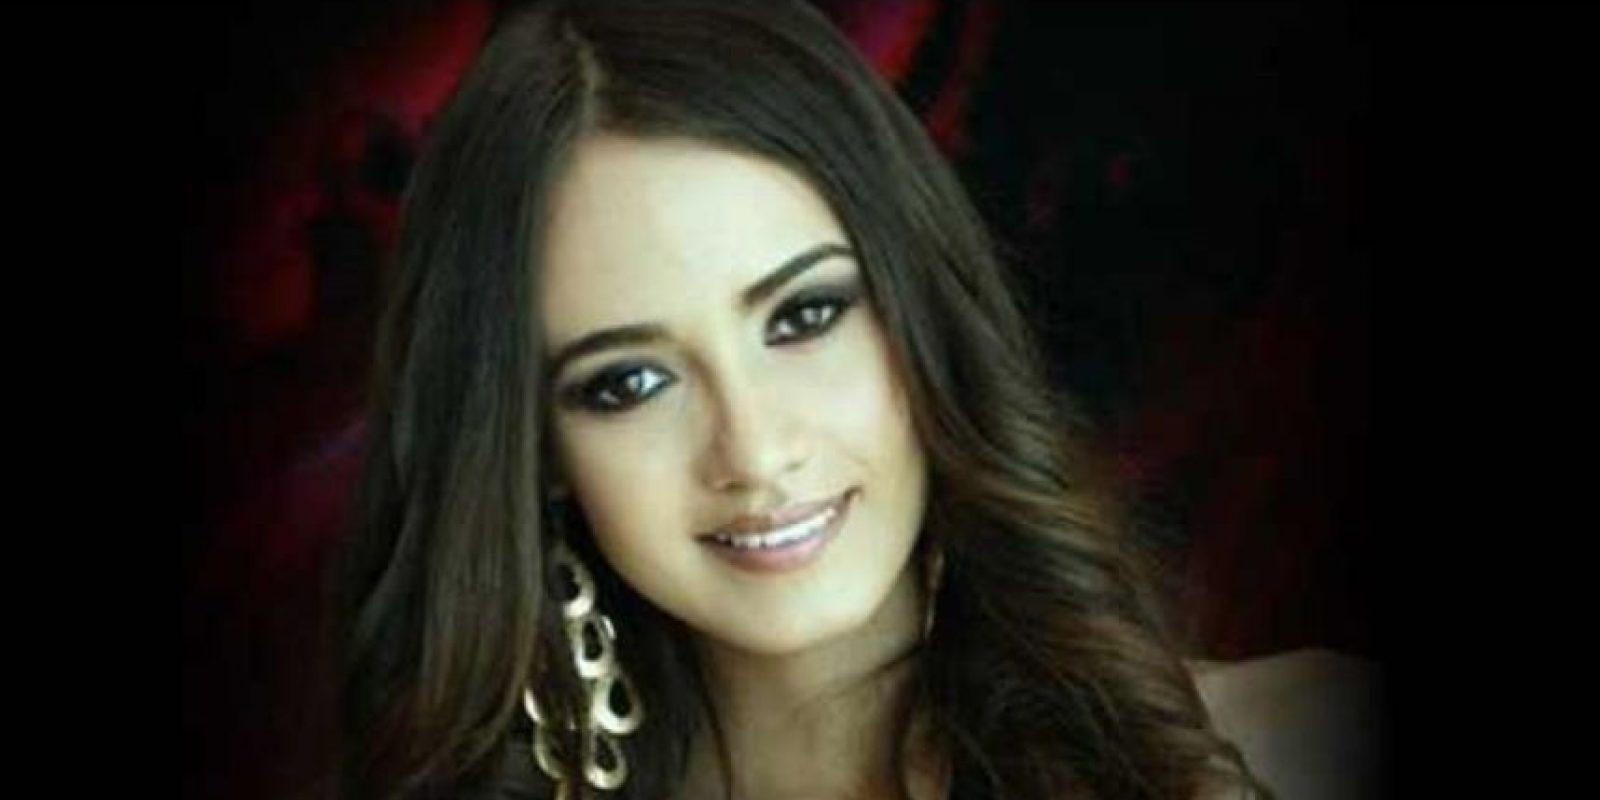 Fue coronada como reina de belleza en Sinaloa, México, en 2012. Murió en un enfrentamiento entre el ejército y un grupo armado. Foto:Facebook